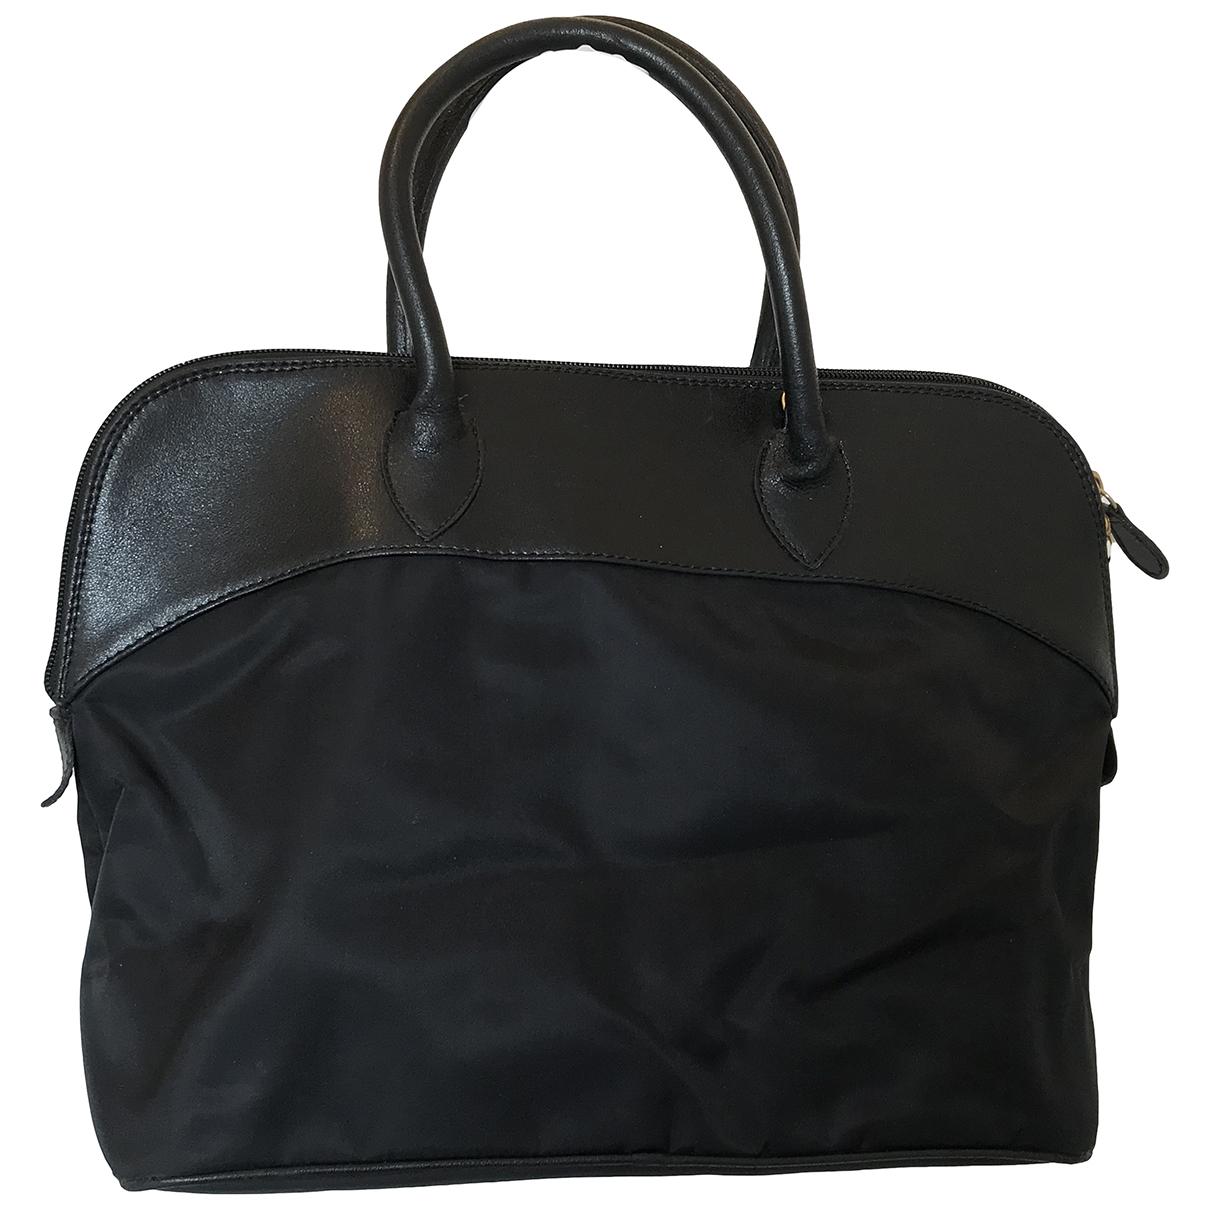 Coccinelle N Black handbag for Women N